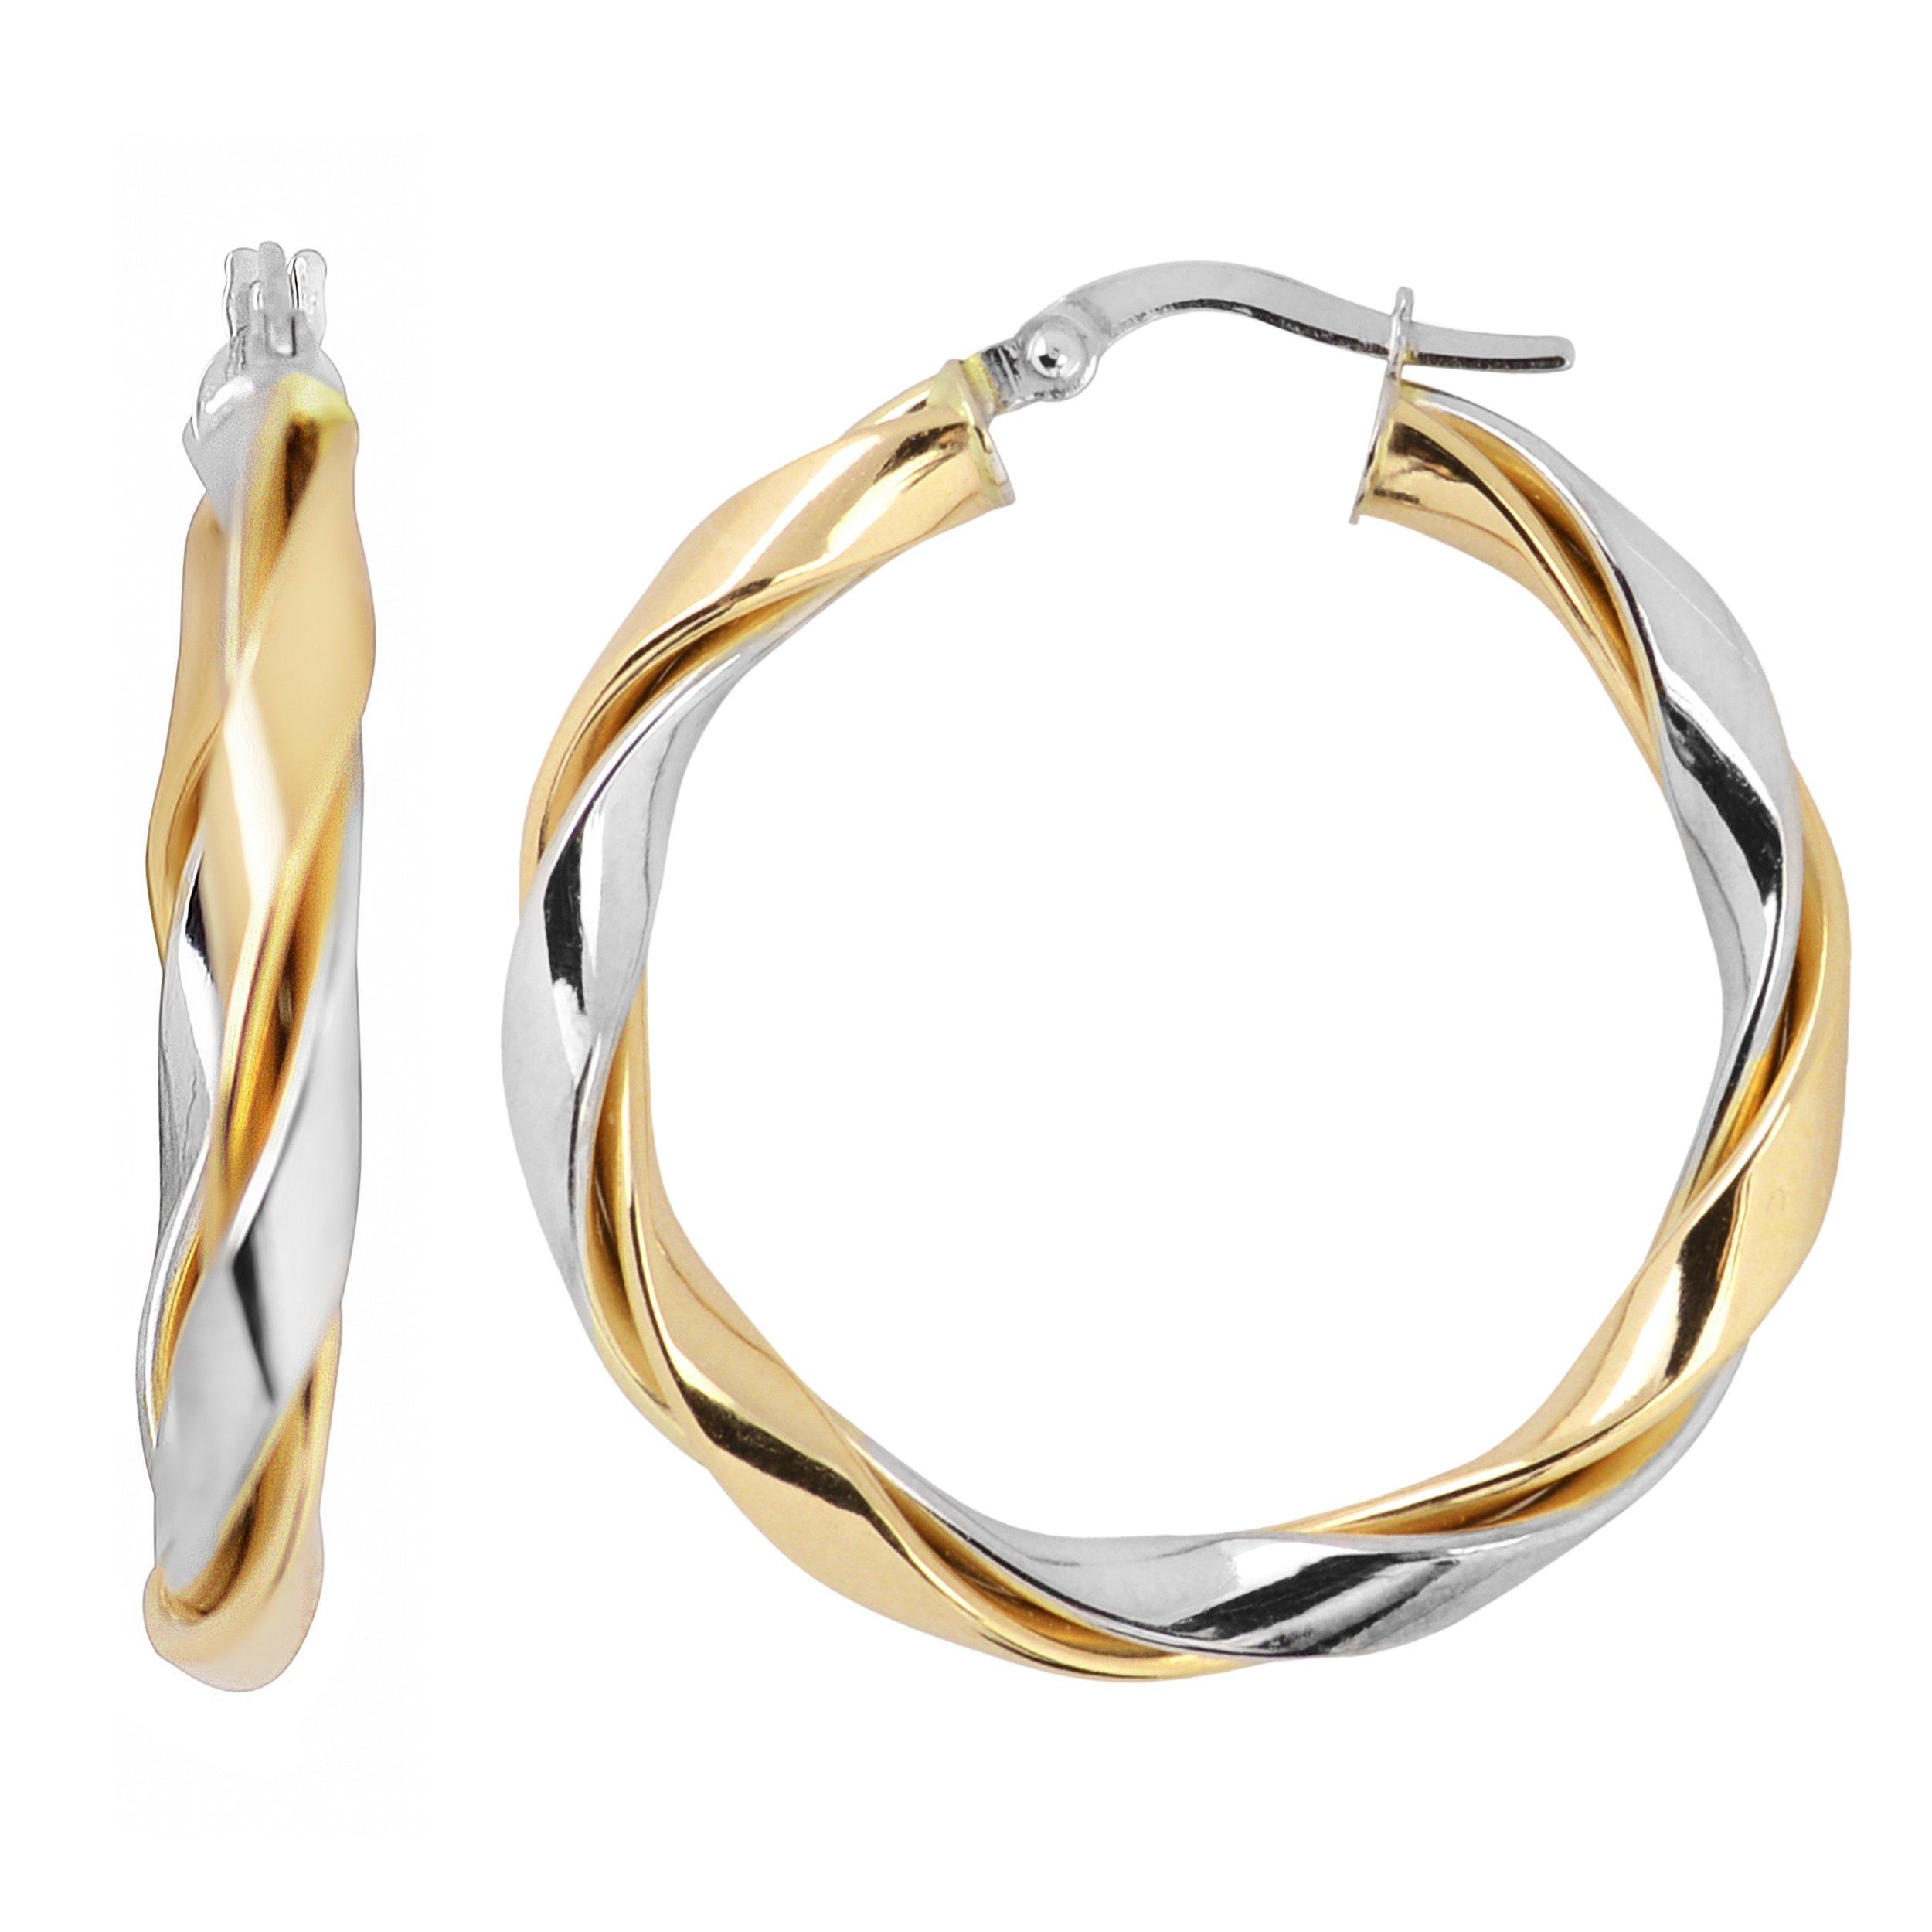 14k Two-tone Gold High Polish Twisted Hoop Earrings